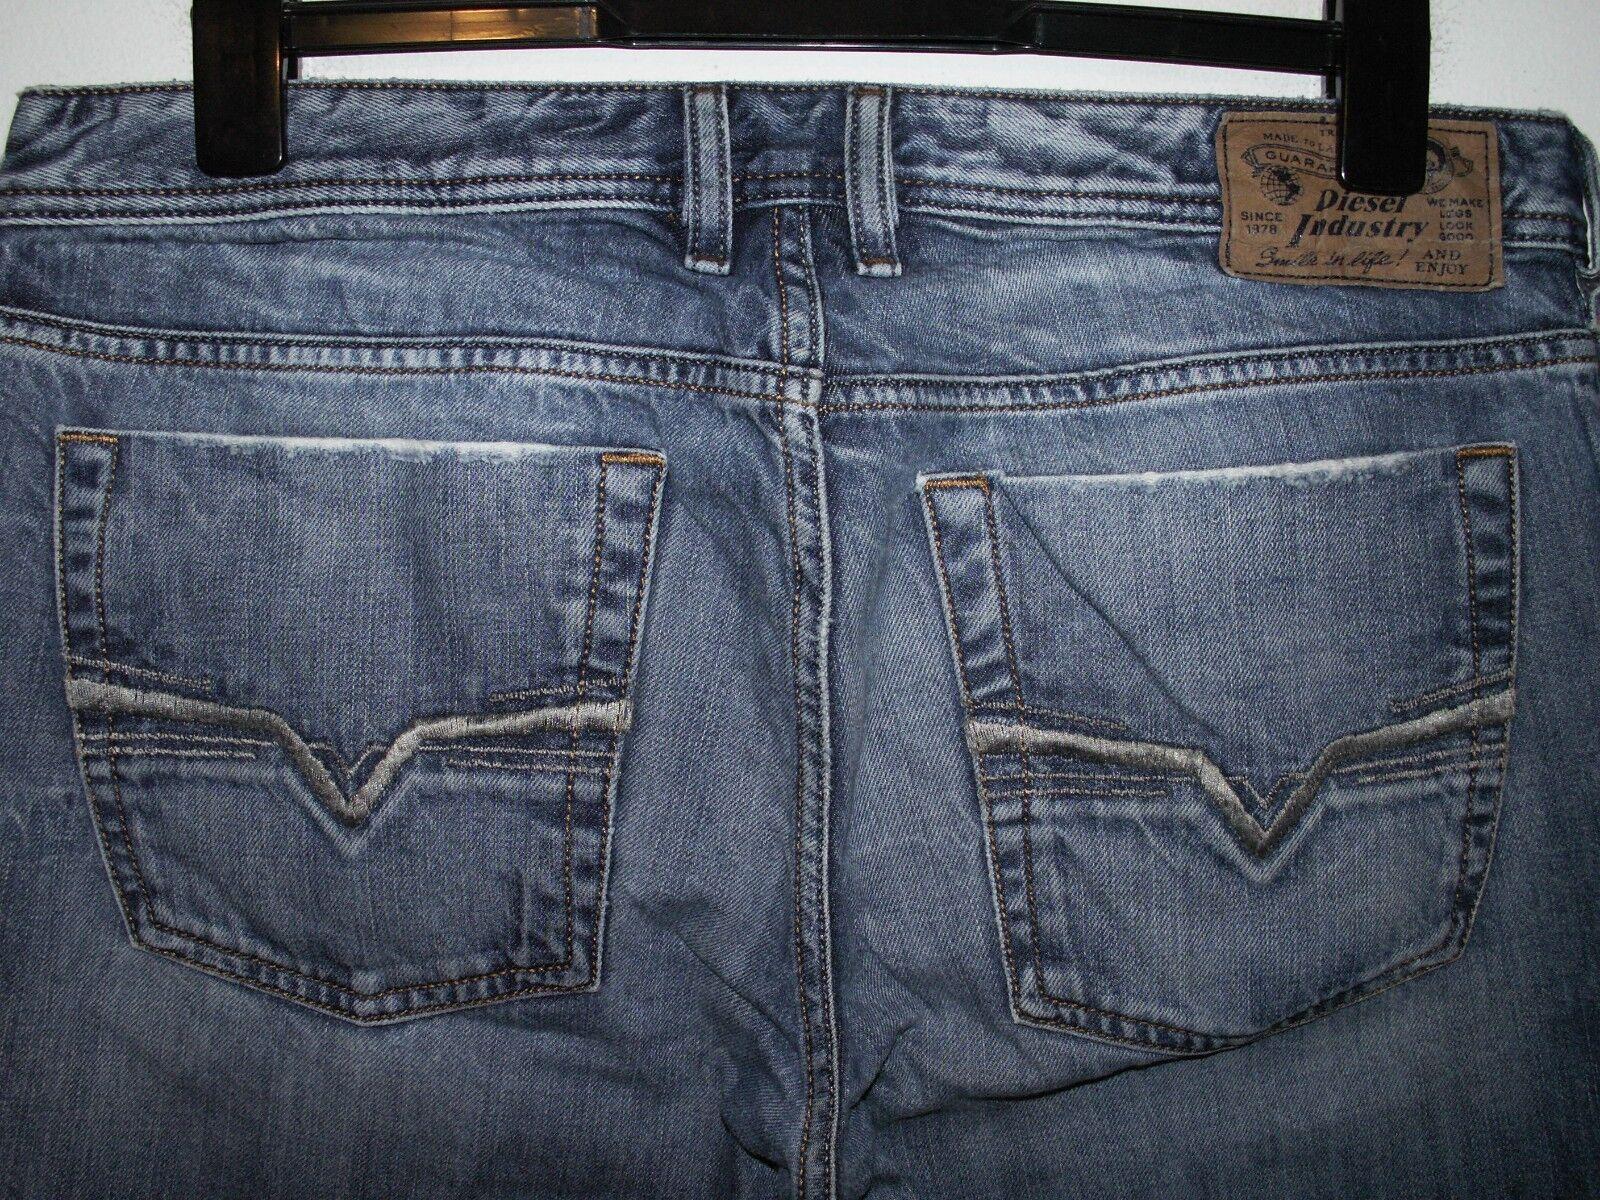 Diesel zathan bootcut jeans wash 008B9 W34 L34 (a904)